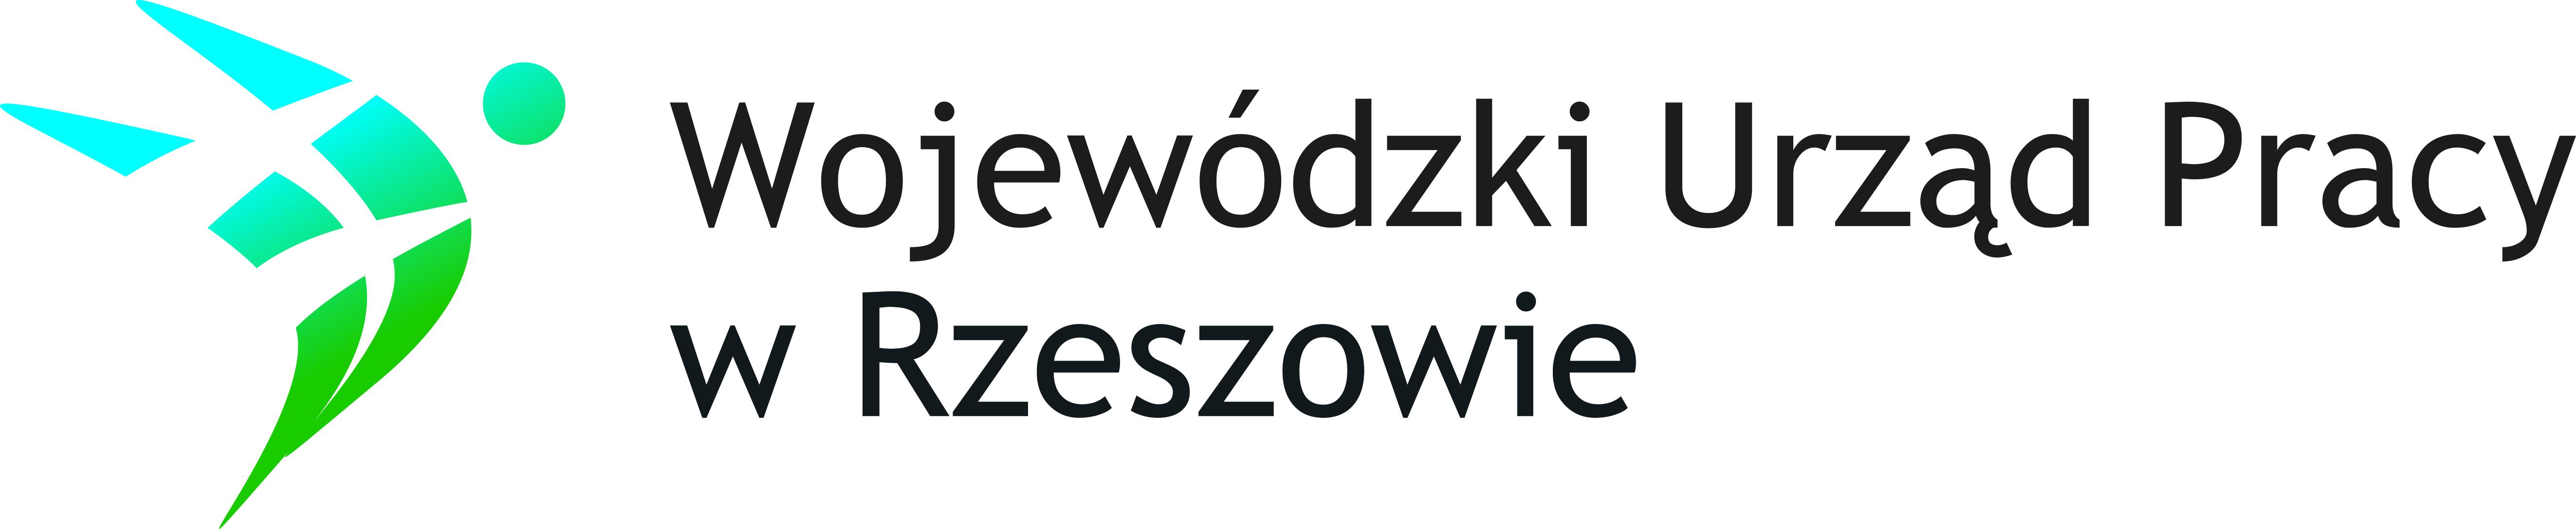 wup-rzeszow-logo-poziom-kolor-cmyk